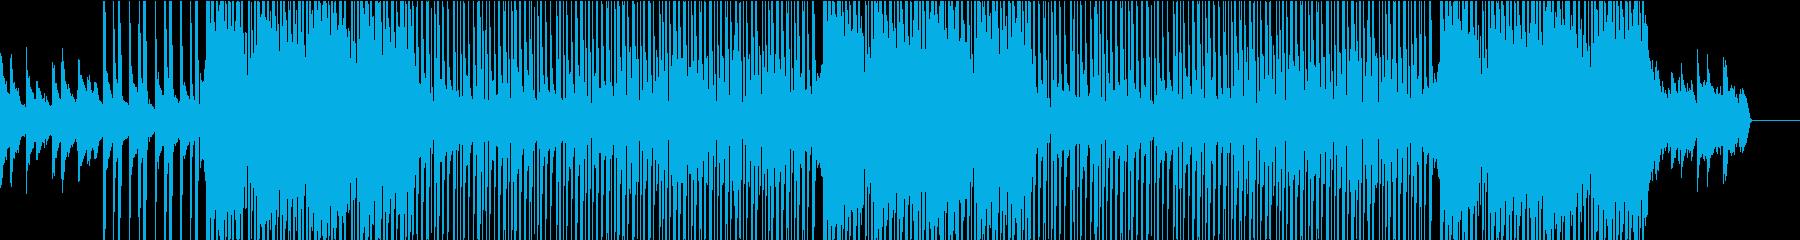 --ピアノ--エモいバラードTRAPの再生済みの波形